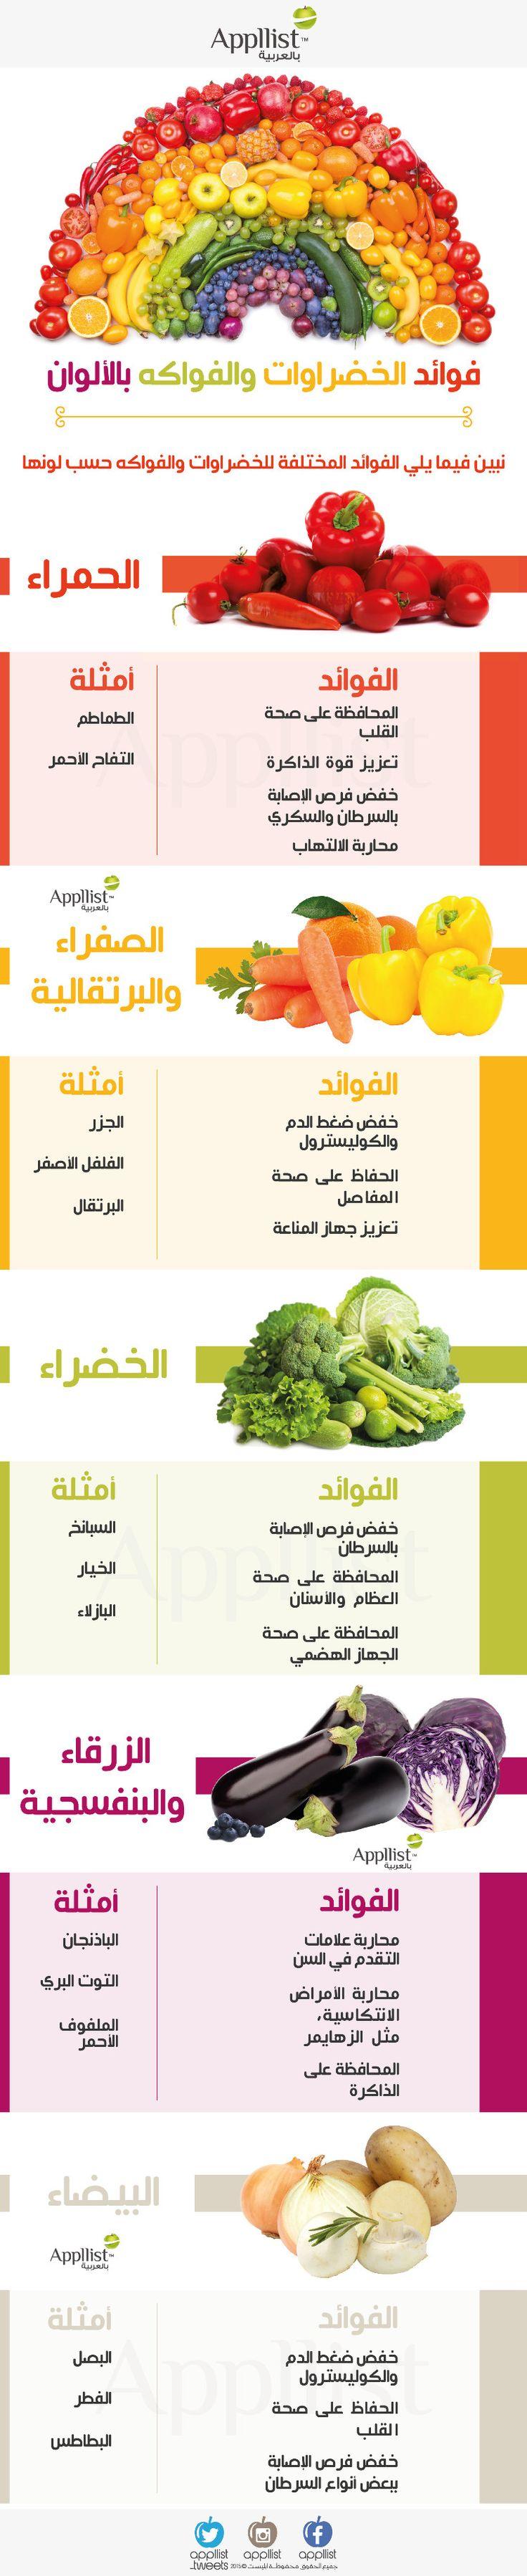 فوائد الخضار والفواكه بالالوان Health Food Health And Nutrition Health Diet